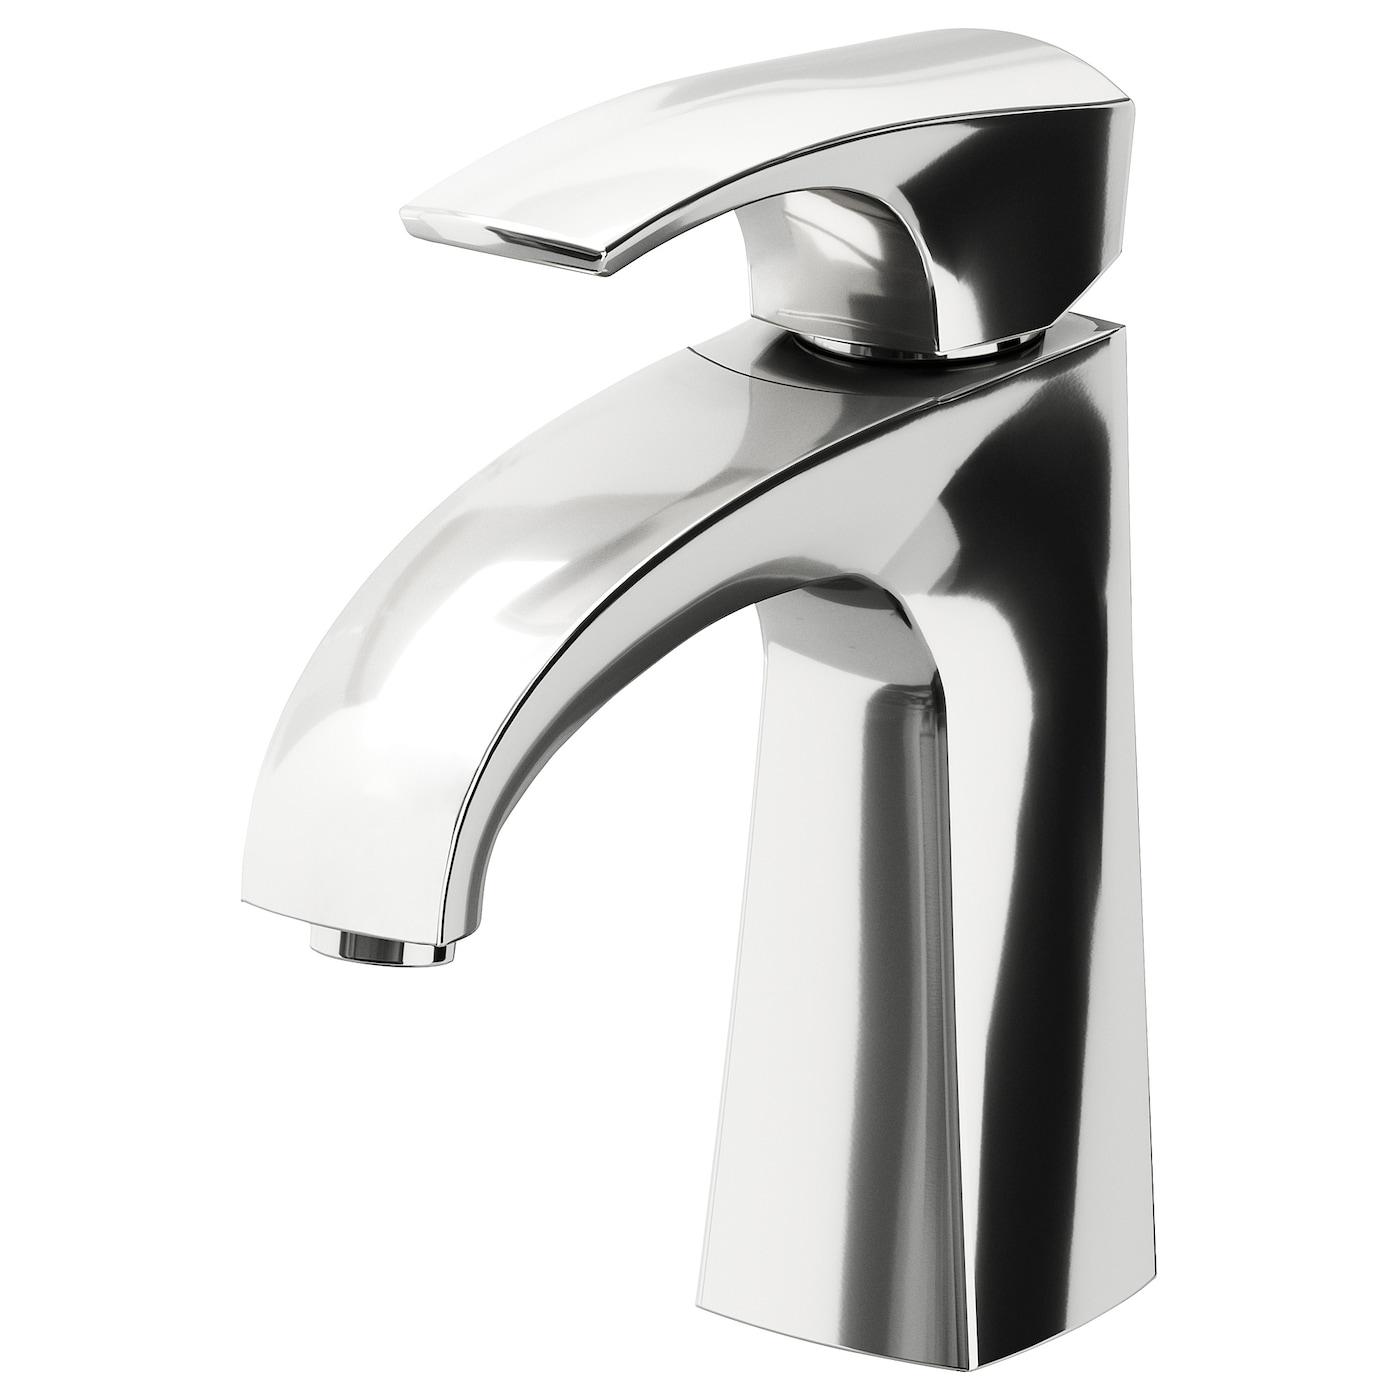 Grifos de ba o compra online ikea for Grifos lavabo ikea